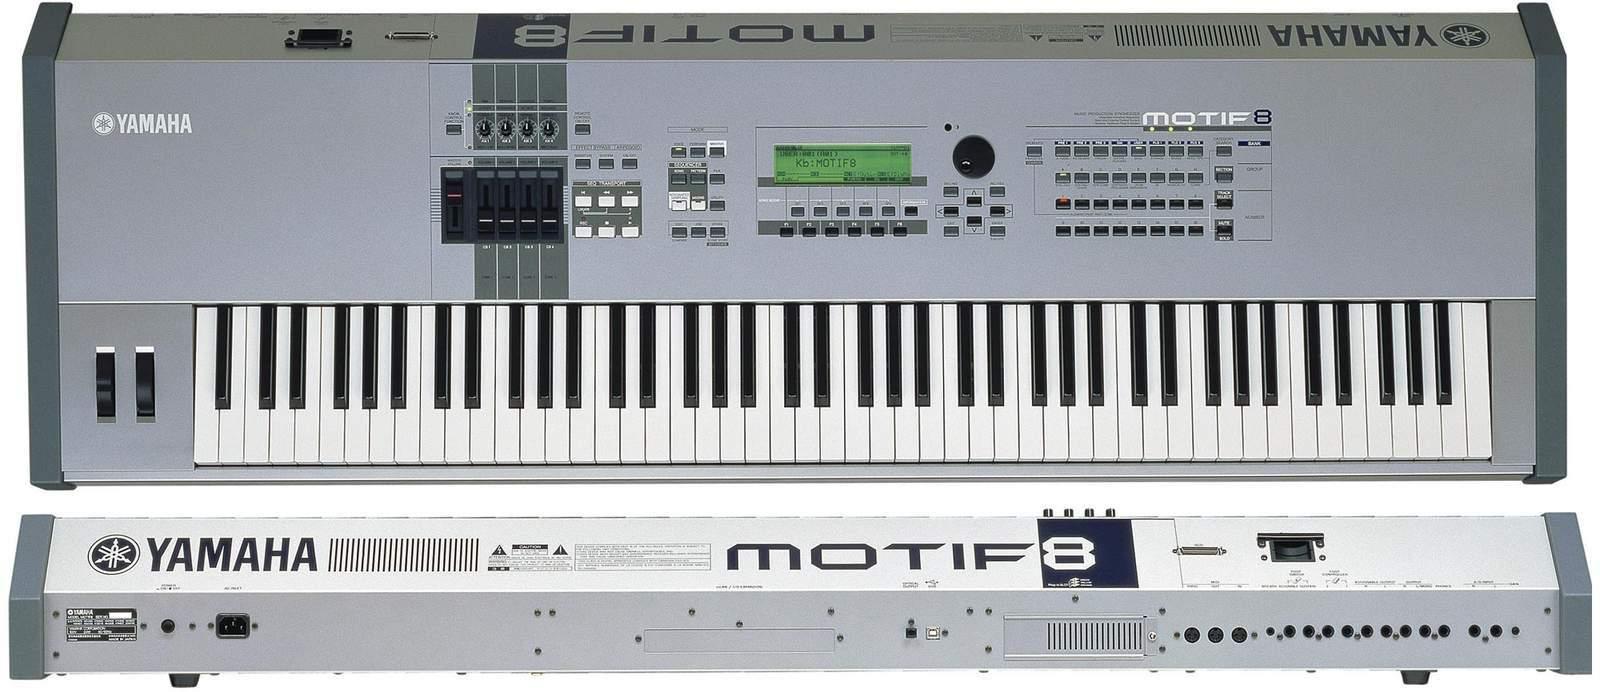 Yamaha Motif Synthesizer